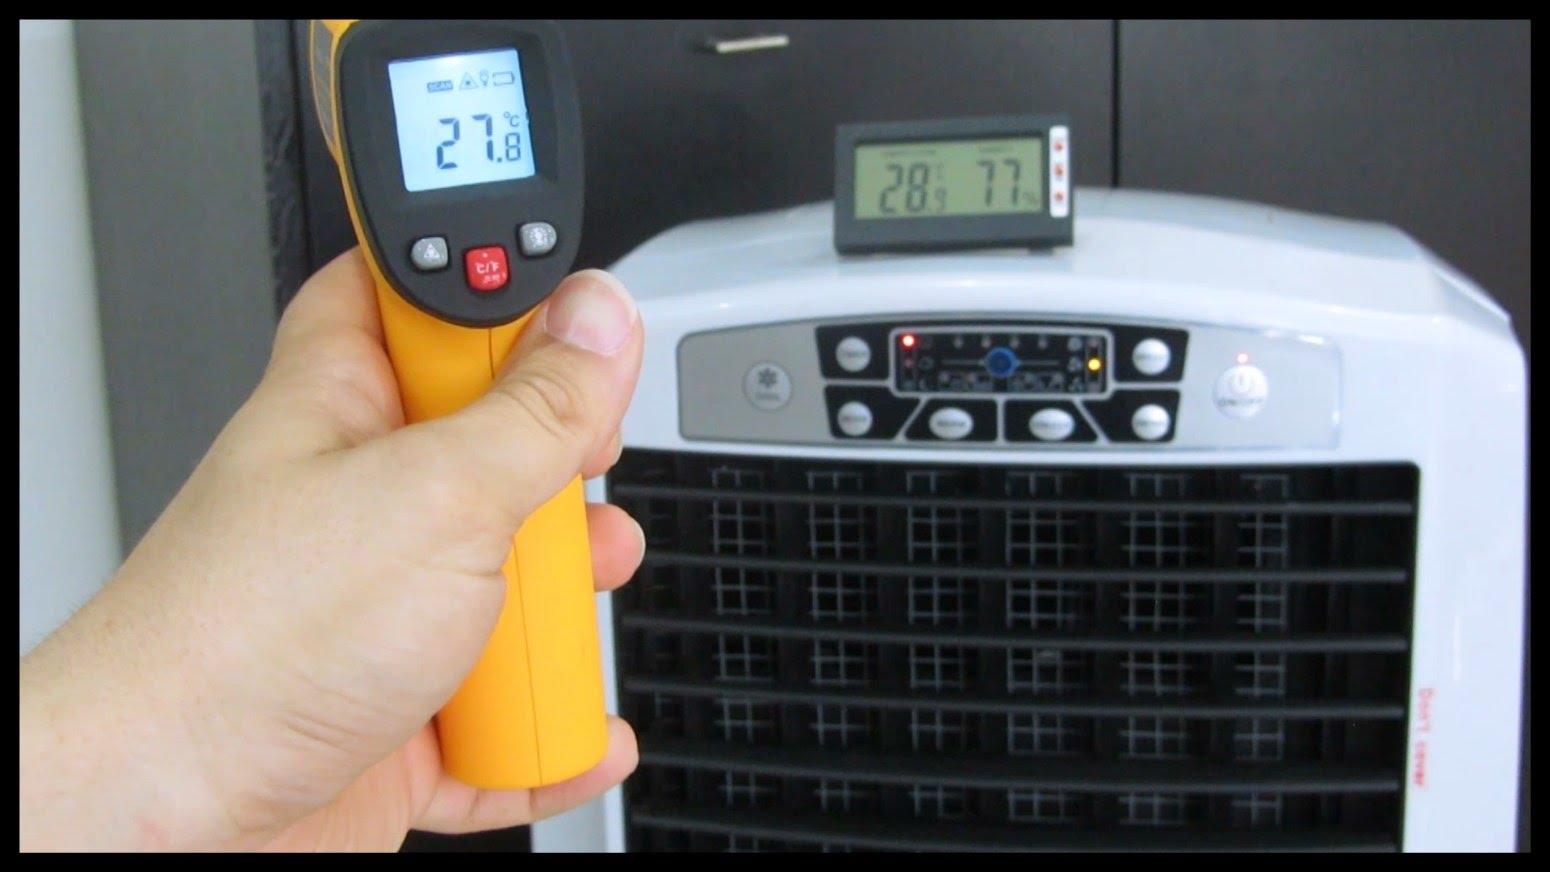 C al sistema es mejor suelo radiante o radiador bomba de calor acs - Cual es el mejor sistema de calefaccion ...